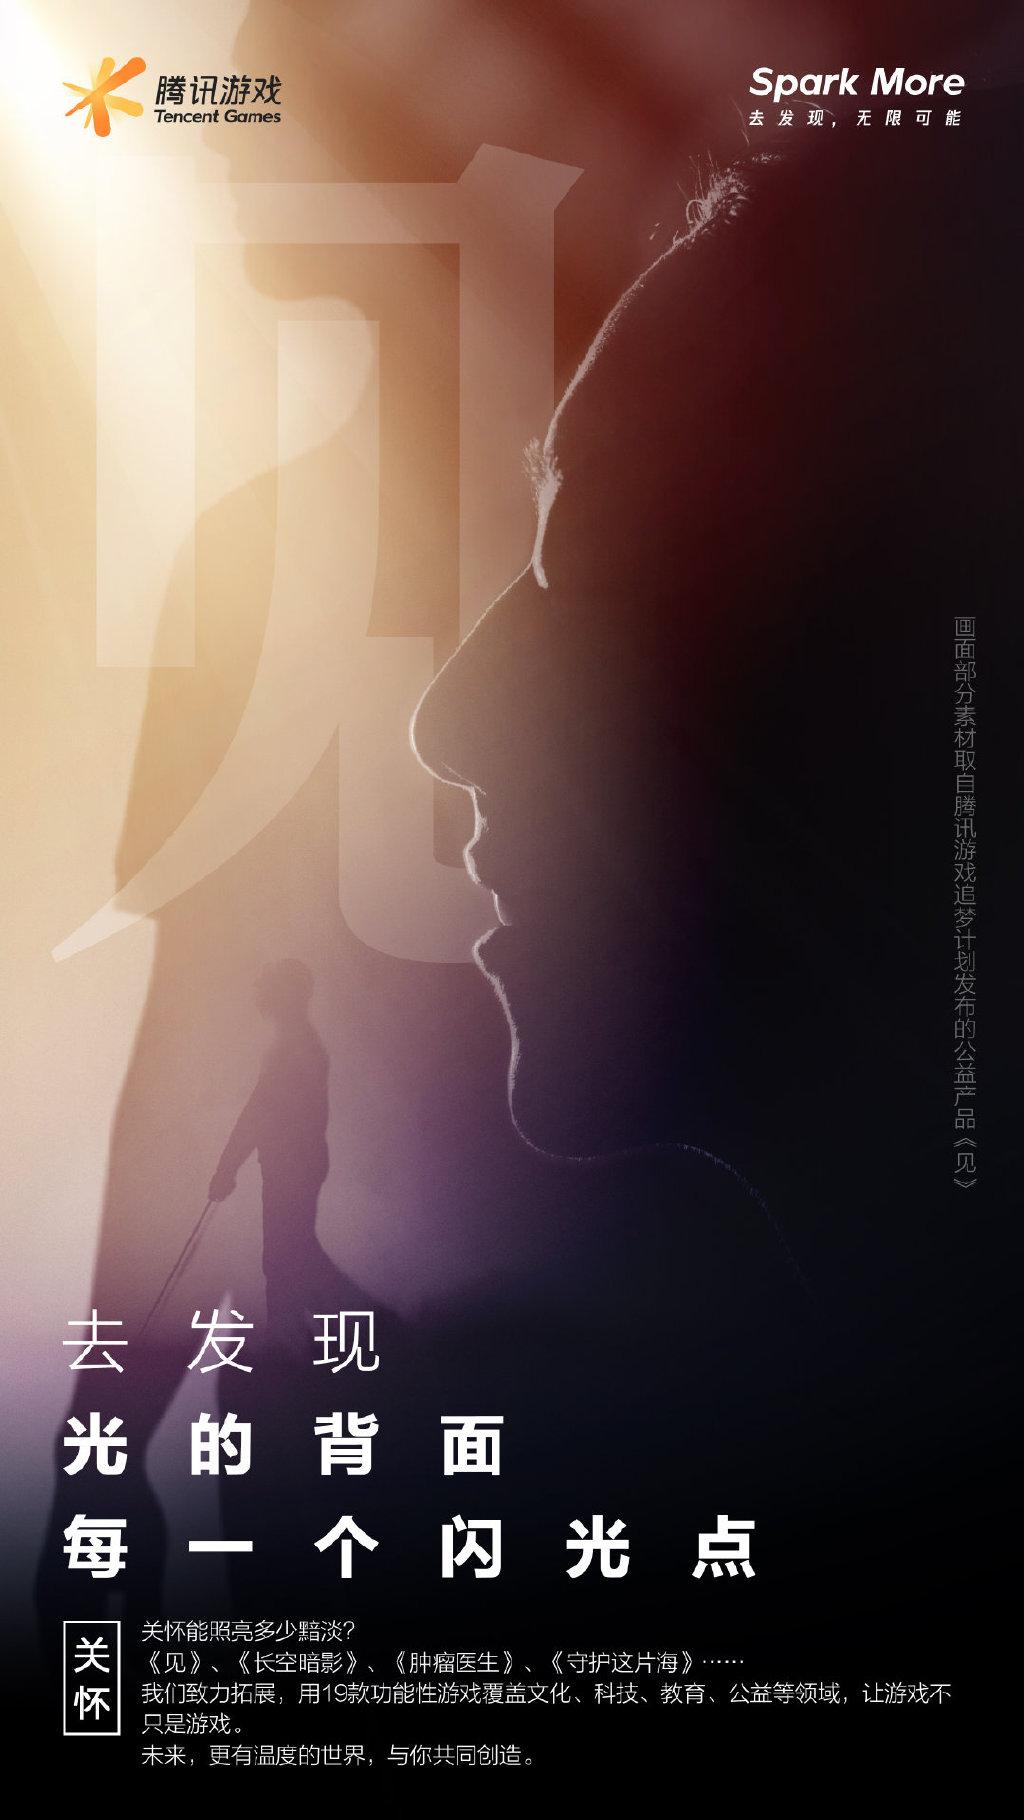 腾讯游戏宣布品牌升级并公布宣传片:去发现 无限可能